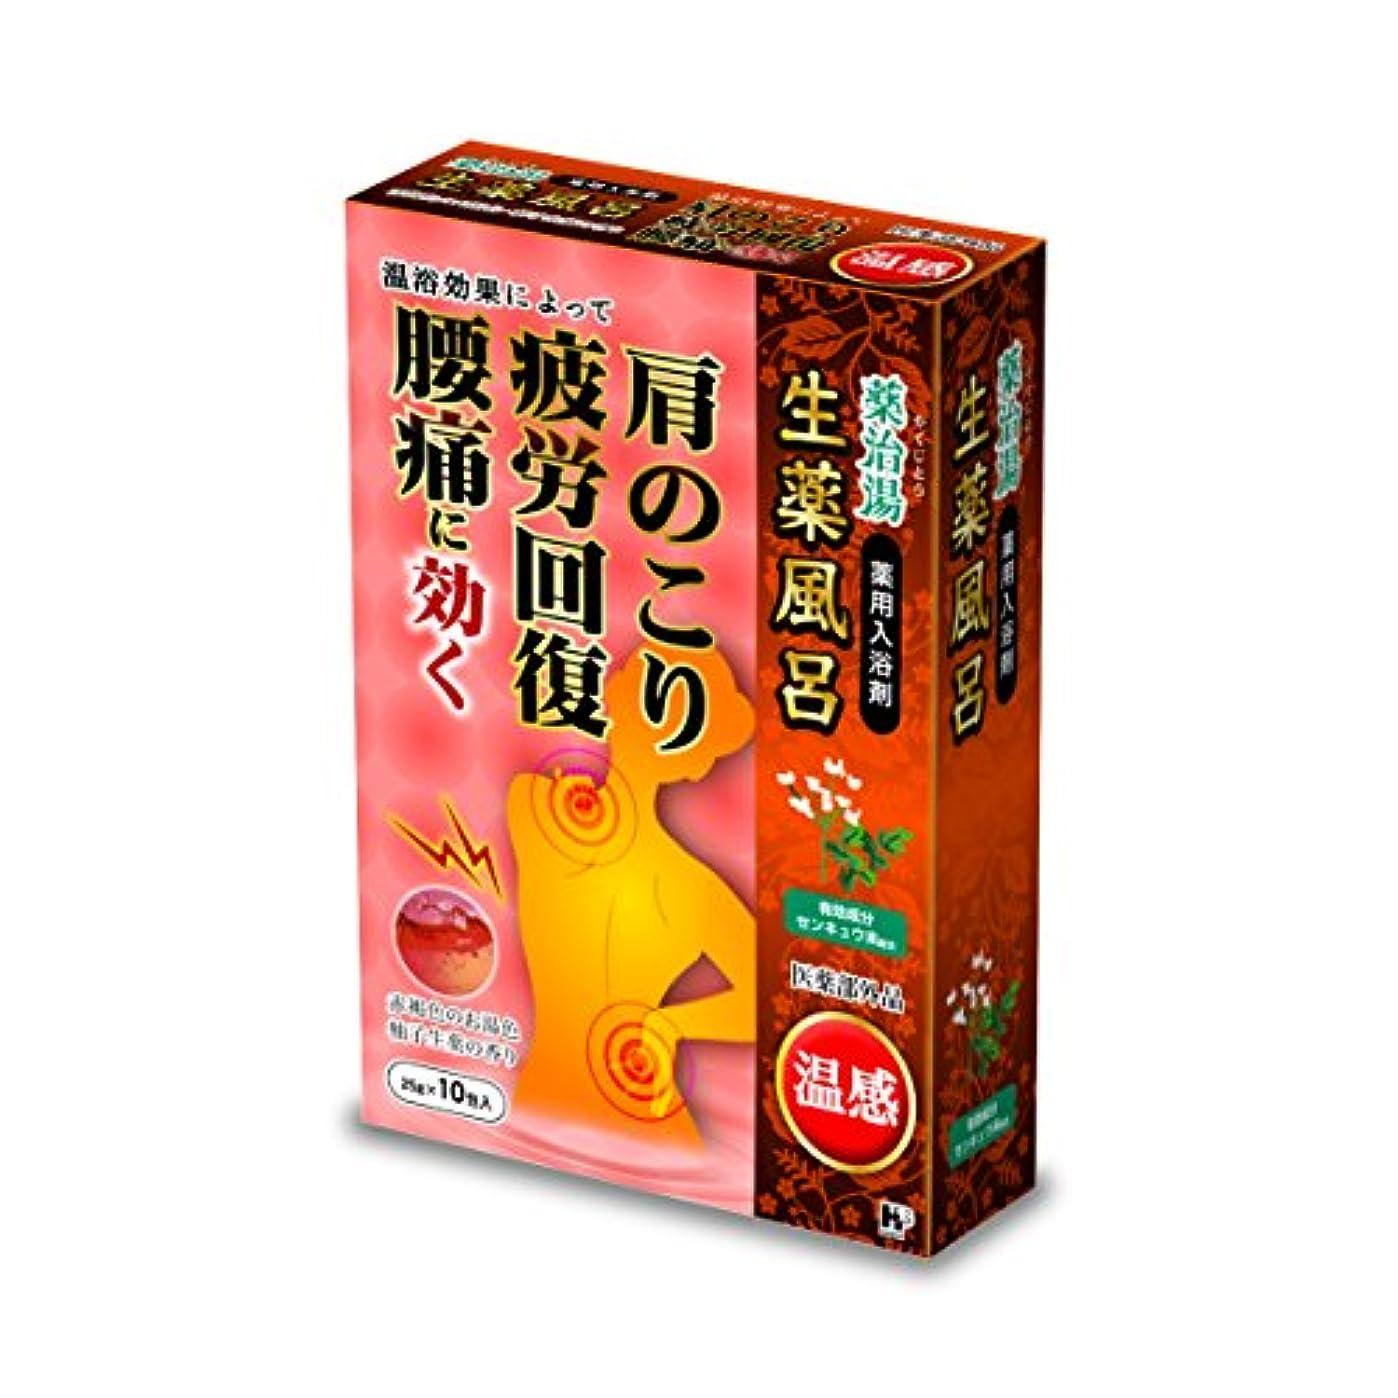 意味する赤白い薬治湯温感 柚子生薬の香り